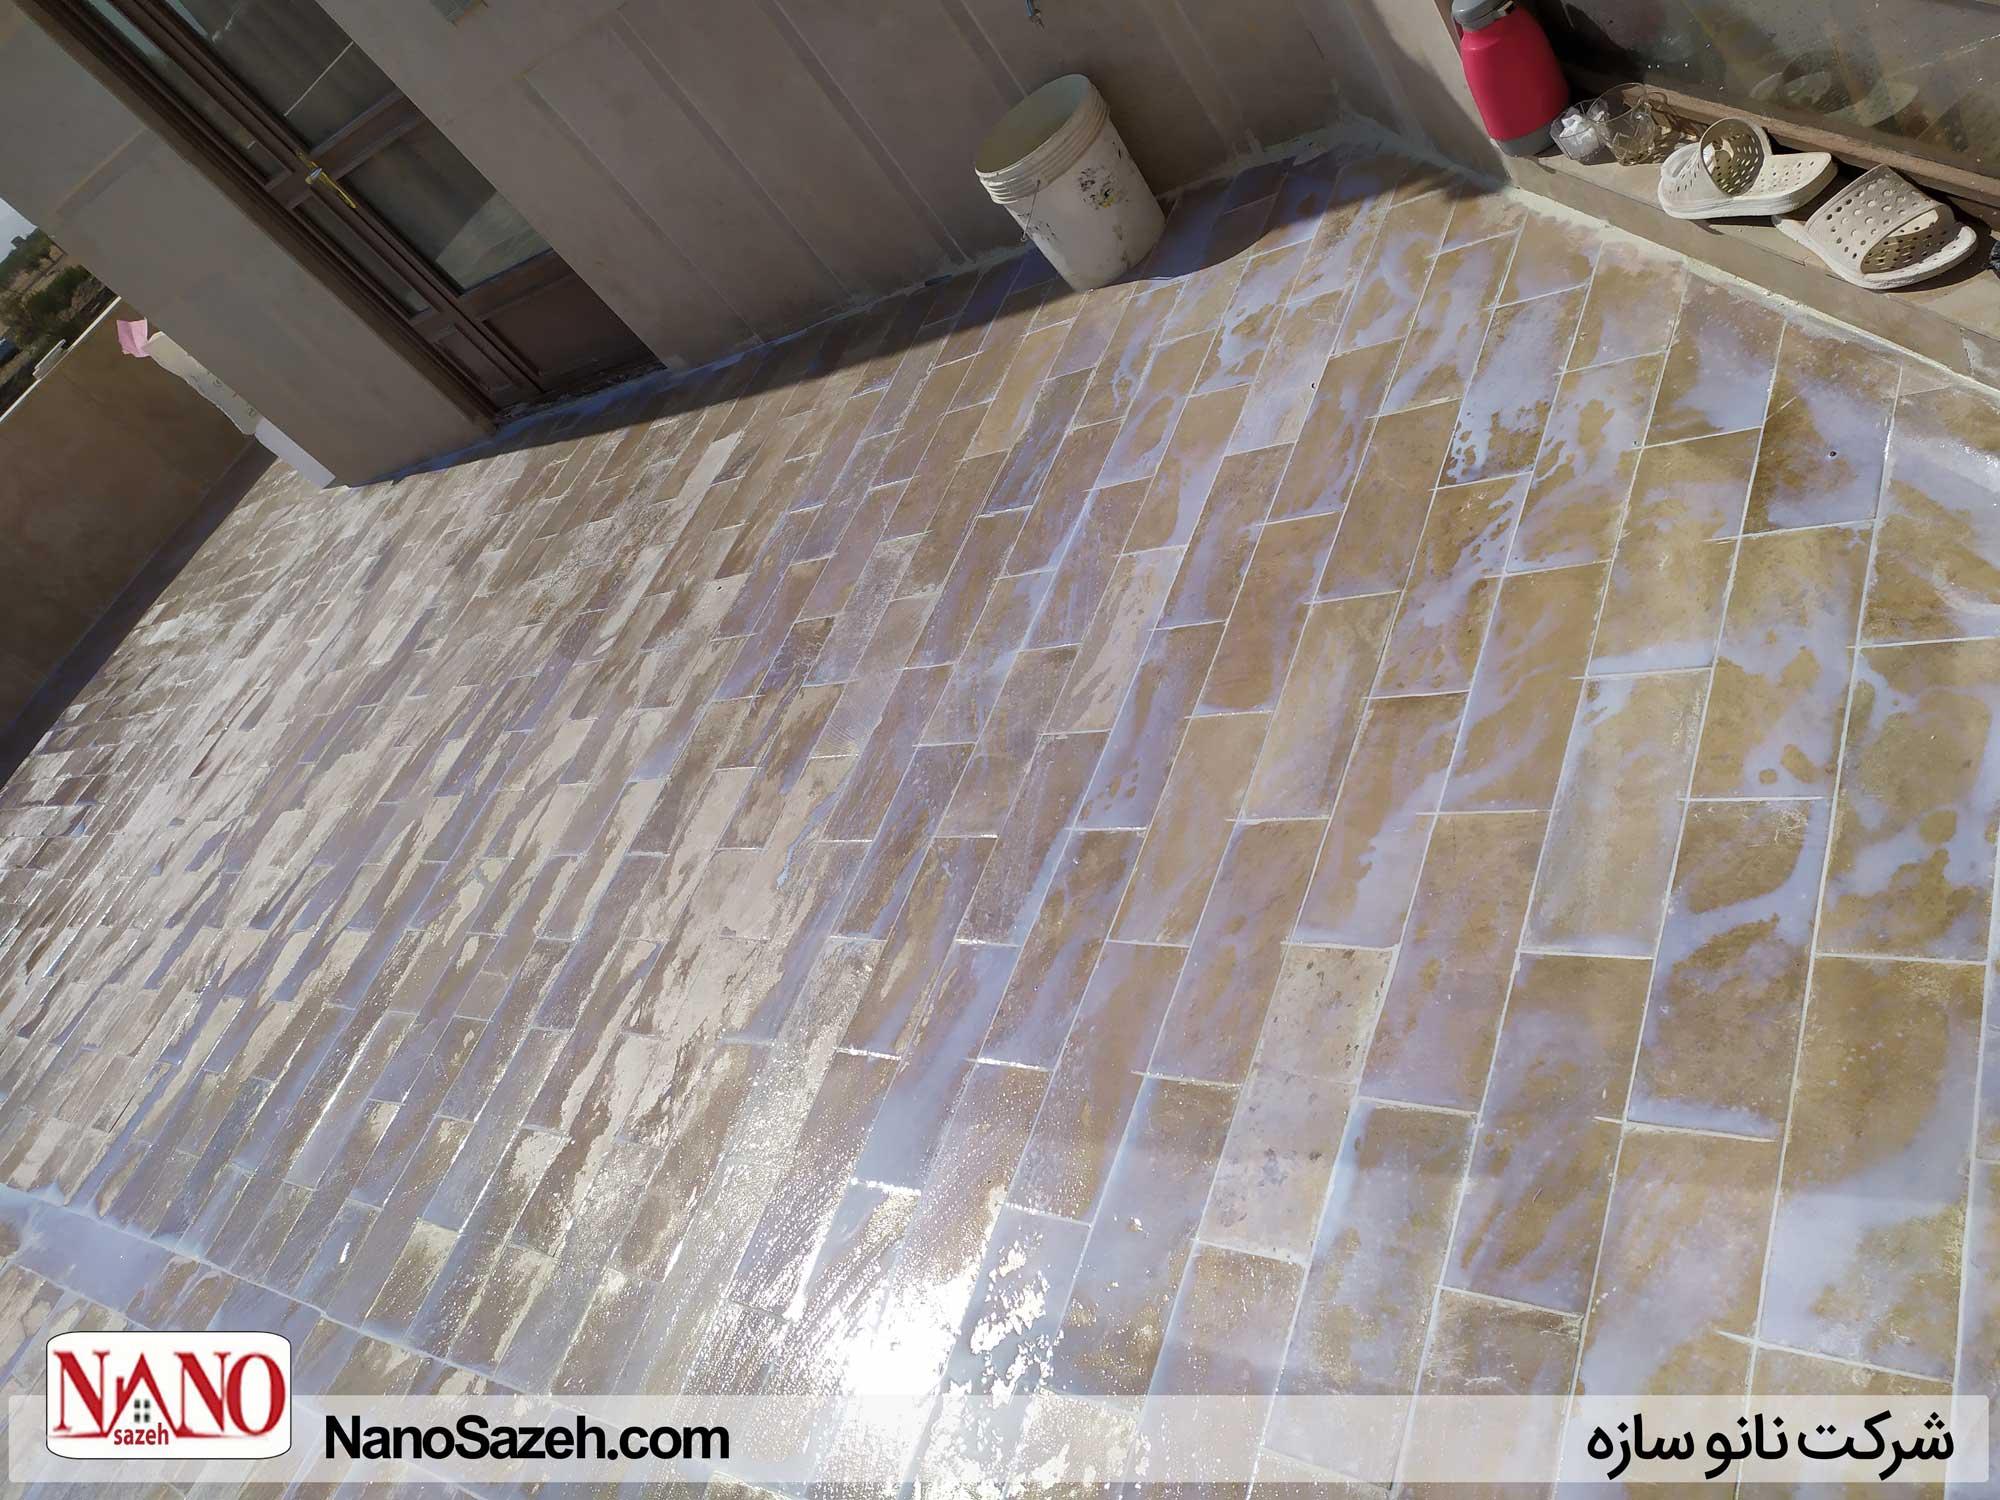 اجرای عایق نانو کریستال شفاف بر روی پشت بام سرامیک